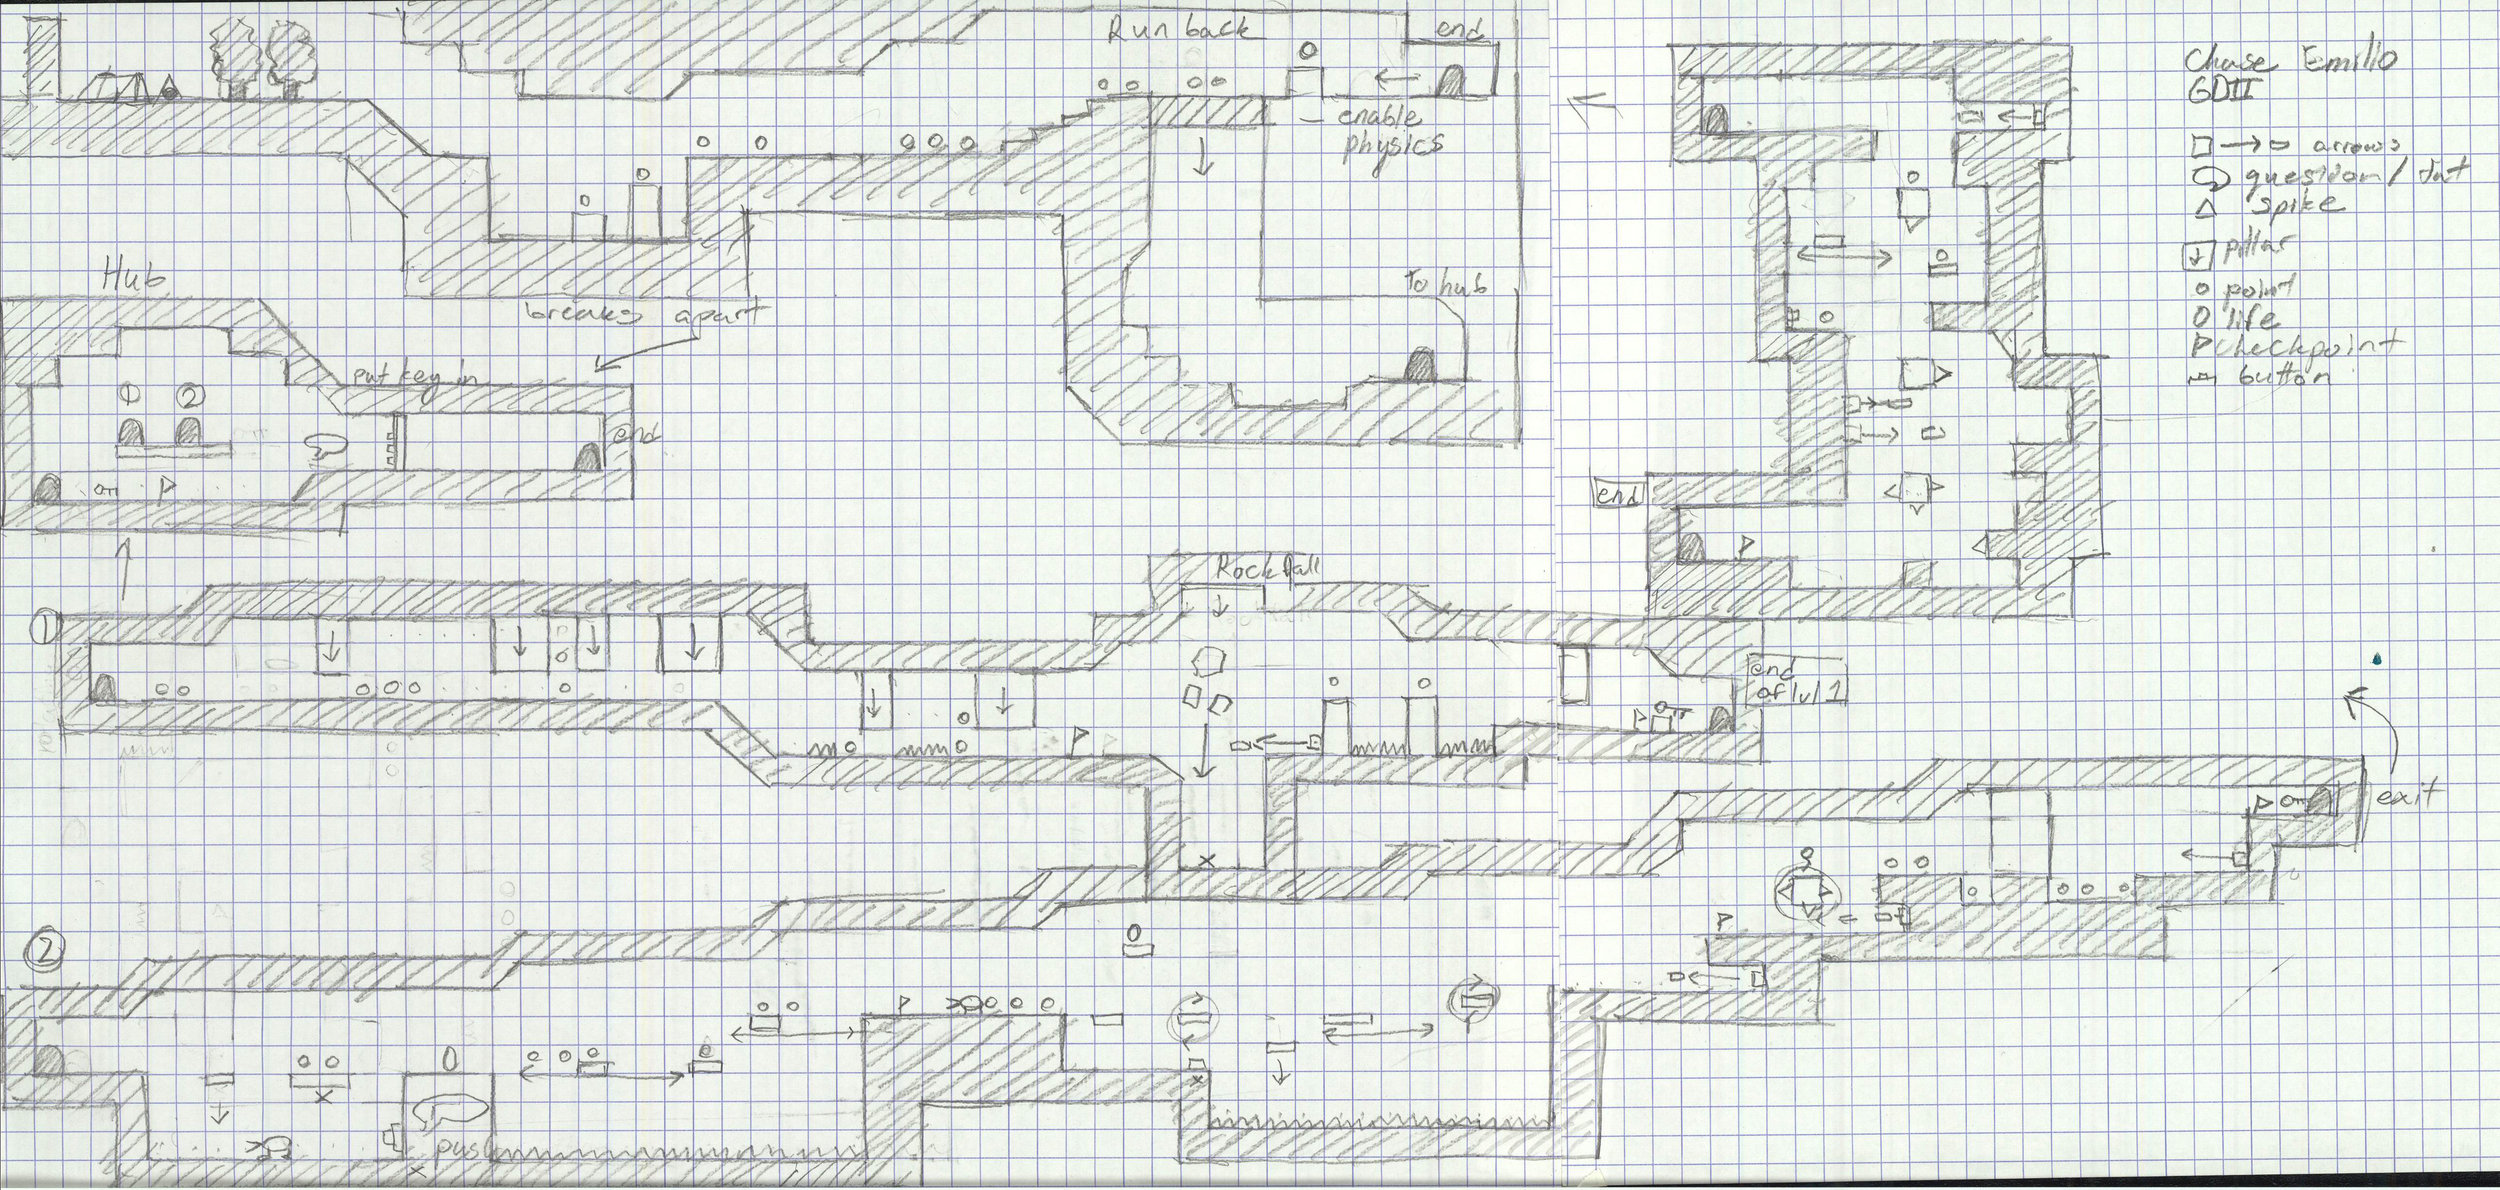 mapforgame.jpg